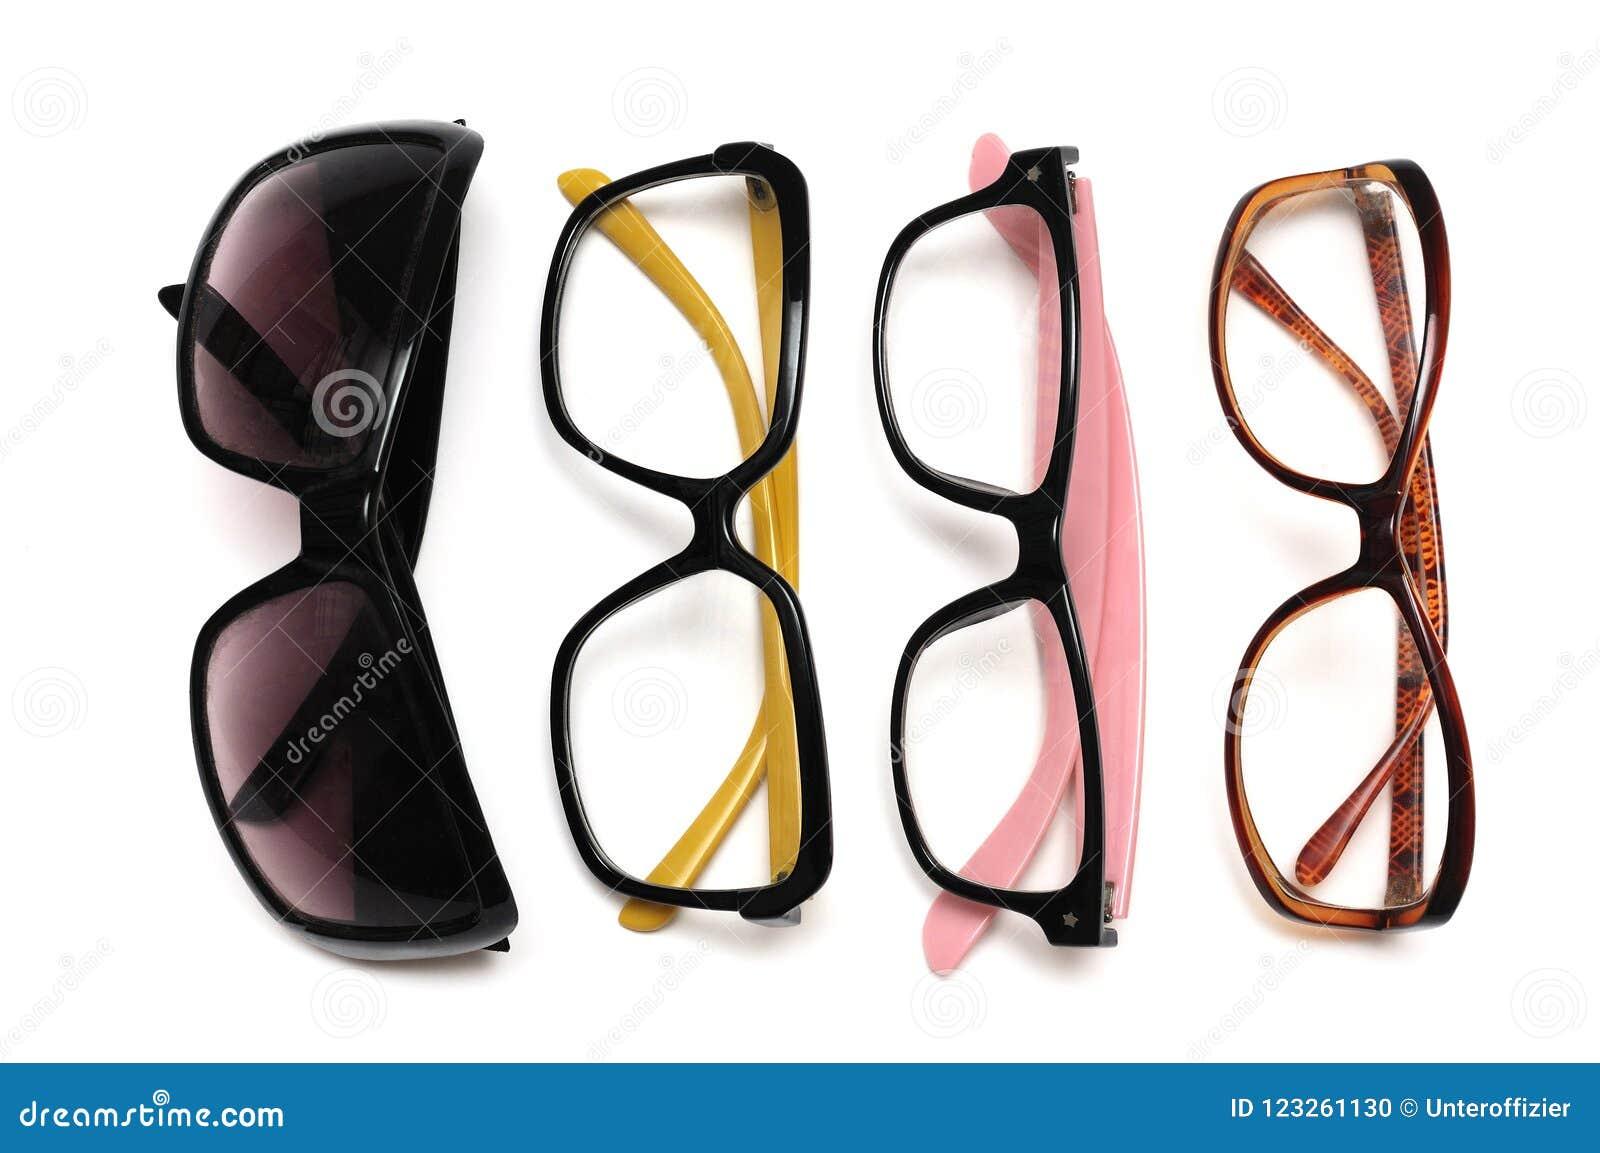 Un surtido de gafas decorativas imaginarias